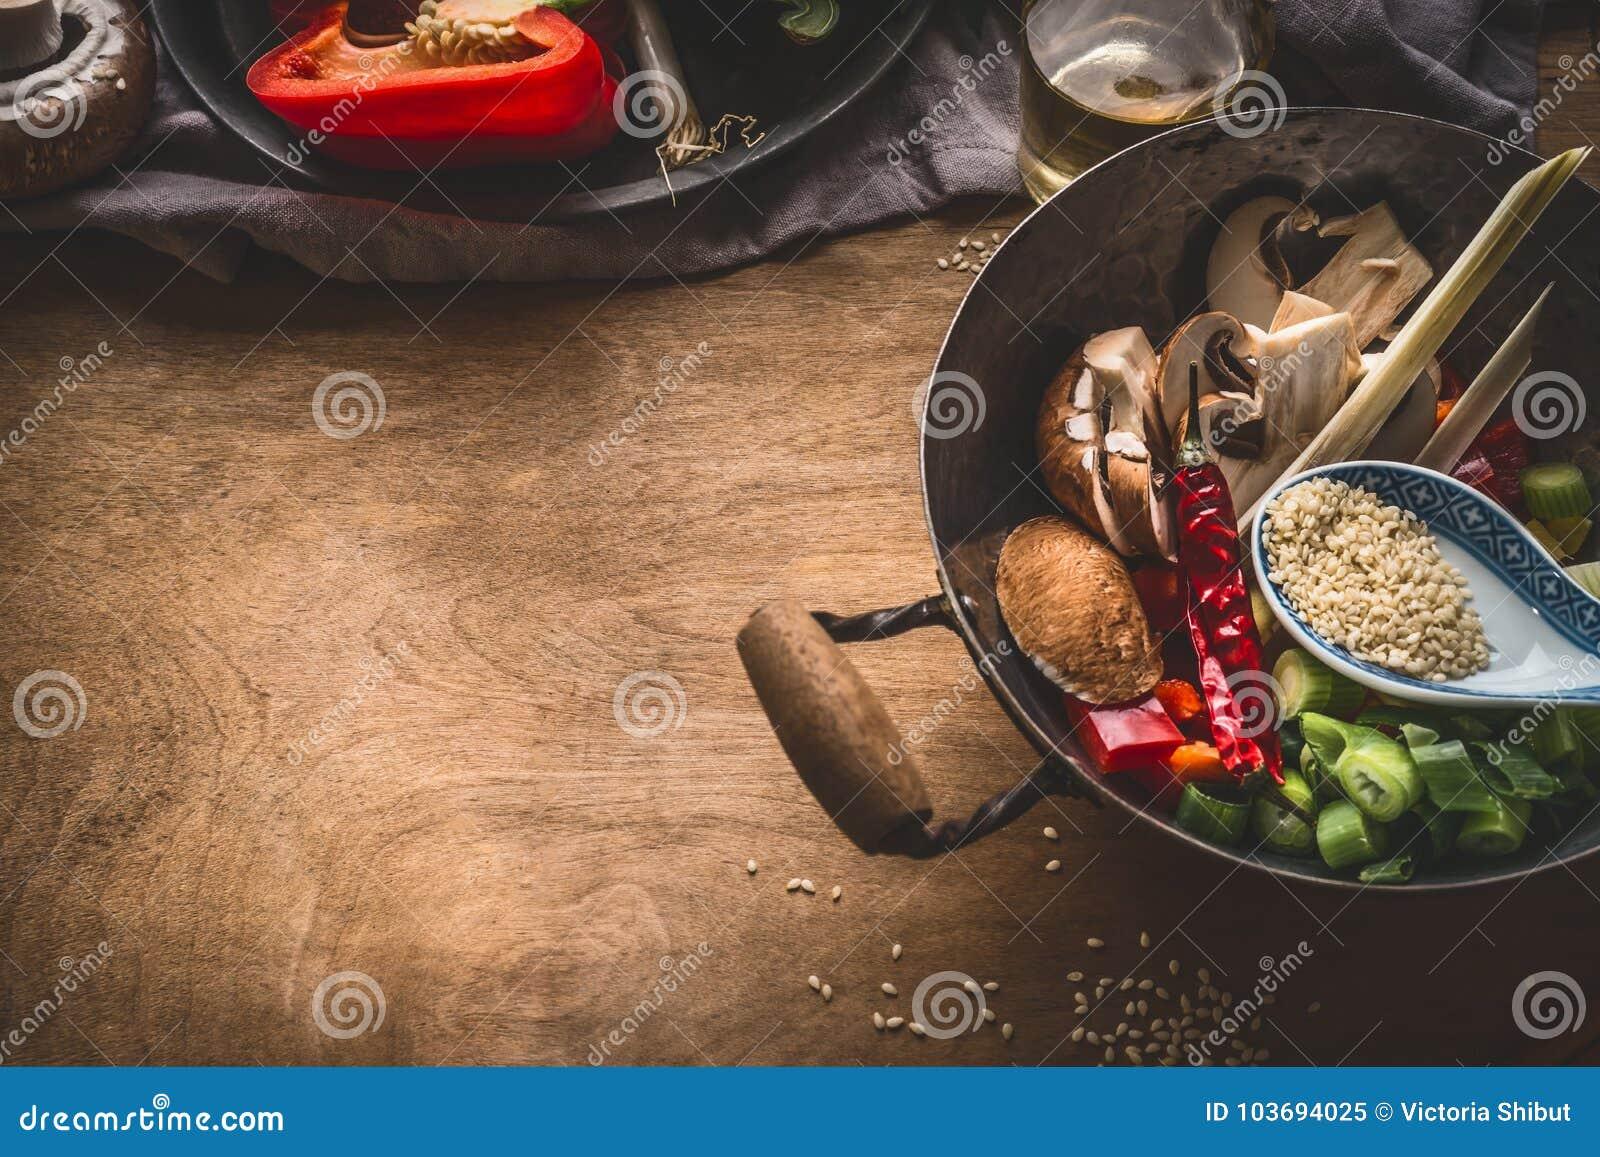 Wok garnek z jarskimi azjatykcimi kuchnia składnikami dla fertanie dłoniaka z siekającymi warzywami, pikantność, sezamowymi ziarn